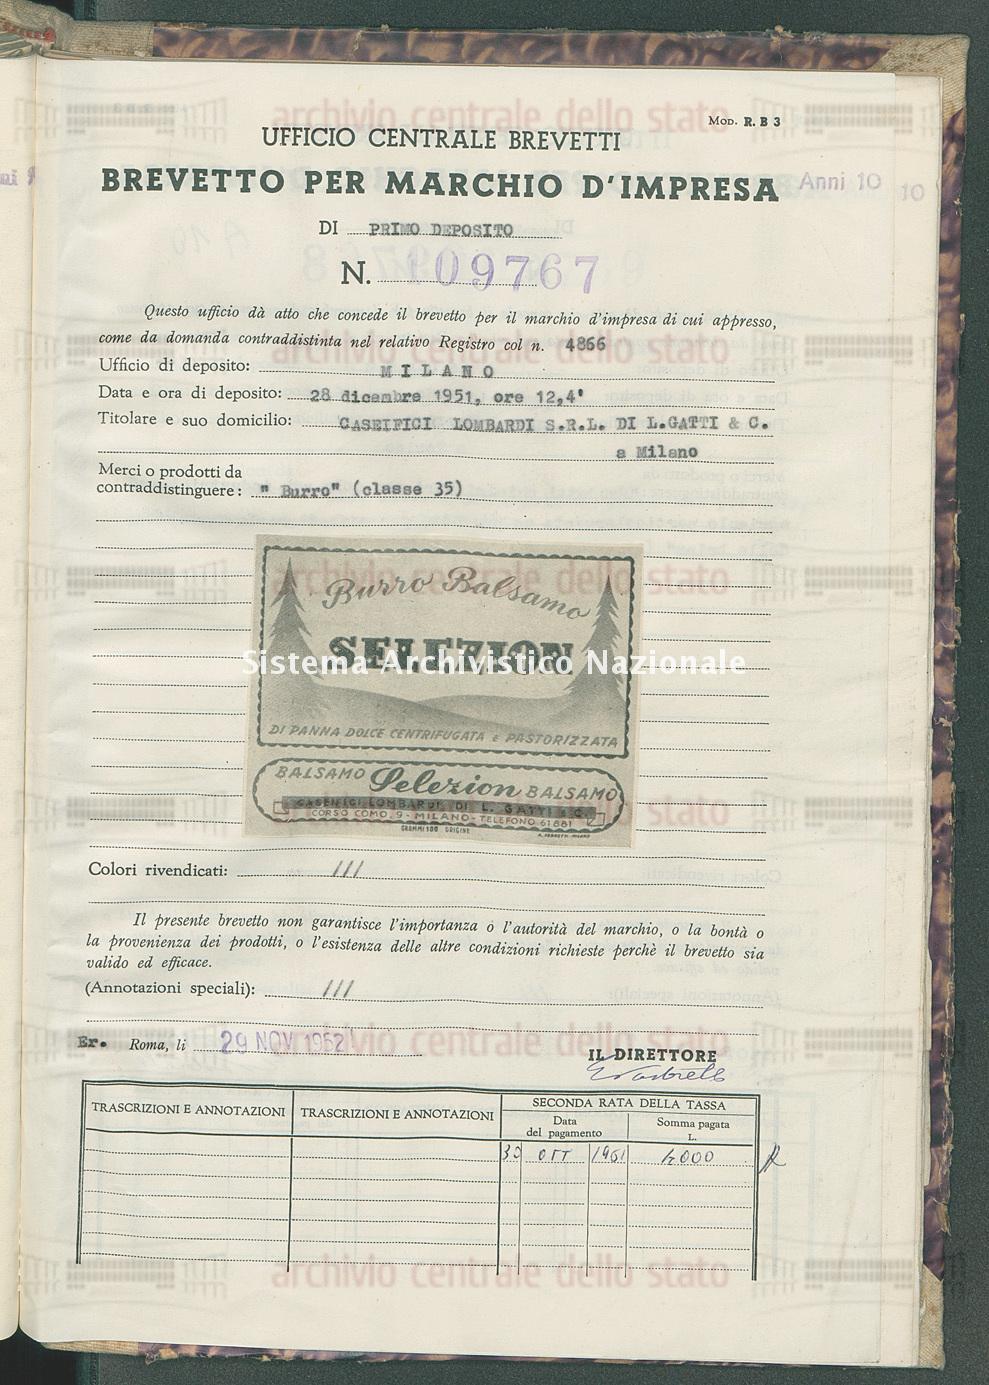 'Burro' Caseifici Lombardi S.R.L. Di L. Gatti & C. (29/11/1952)